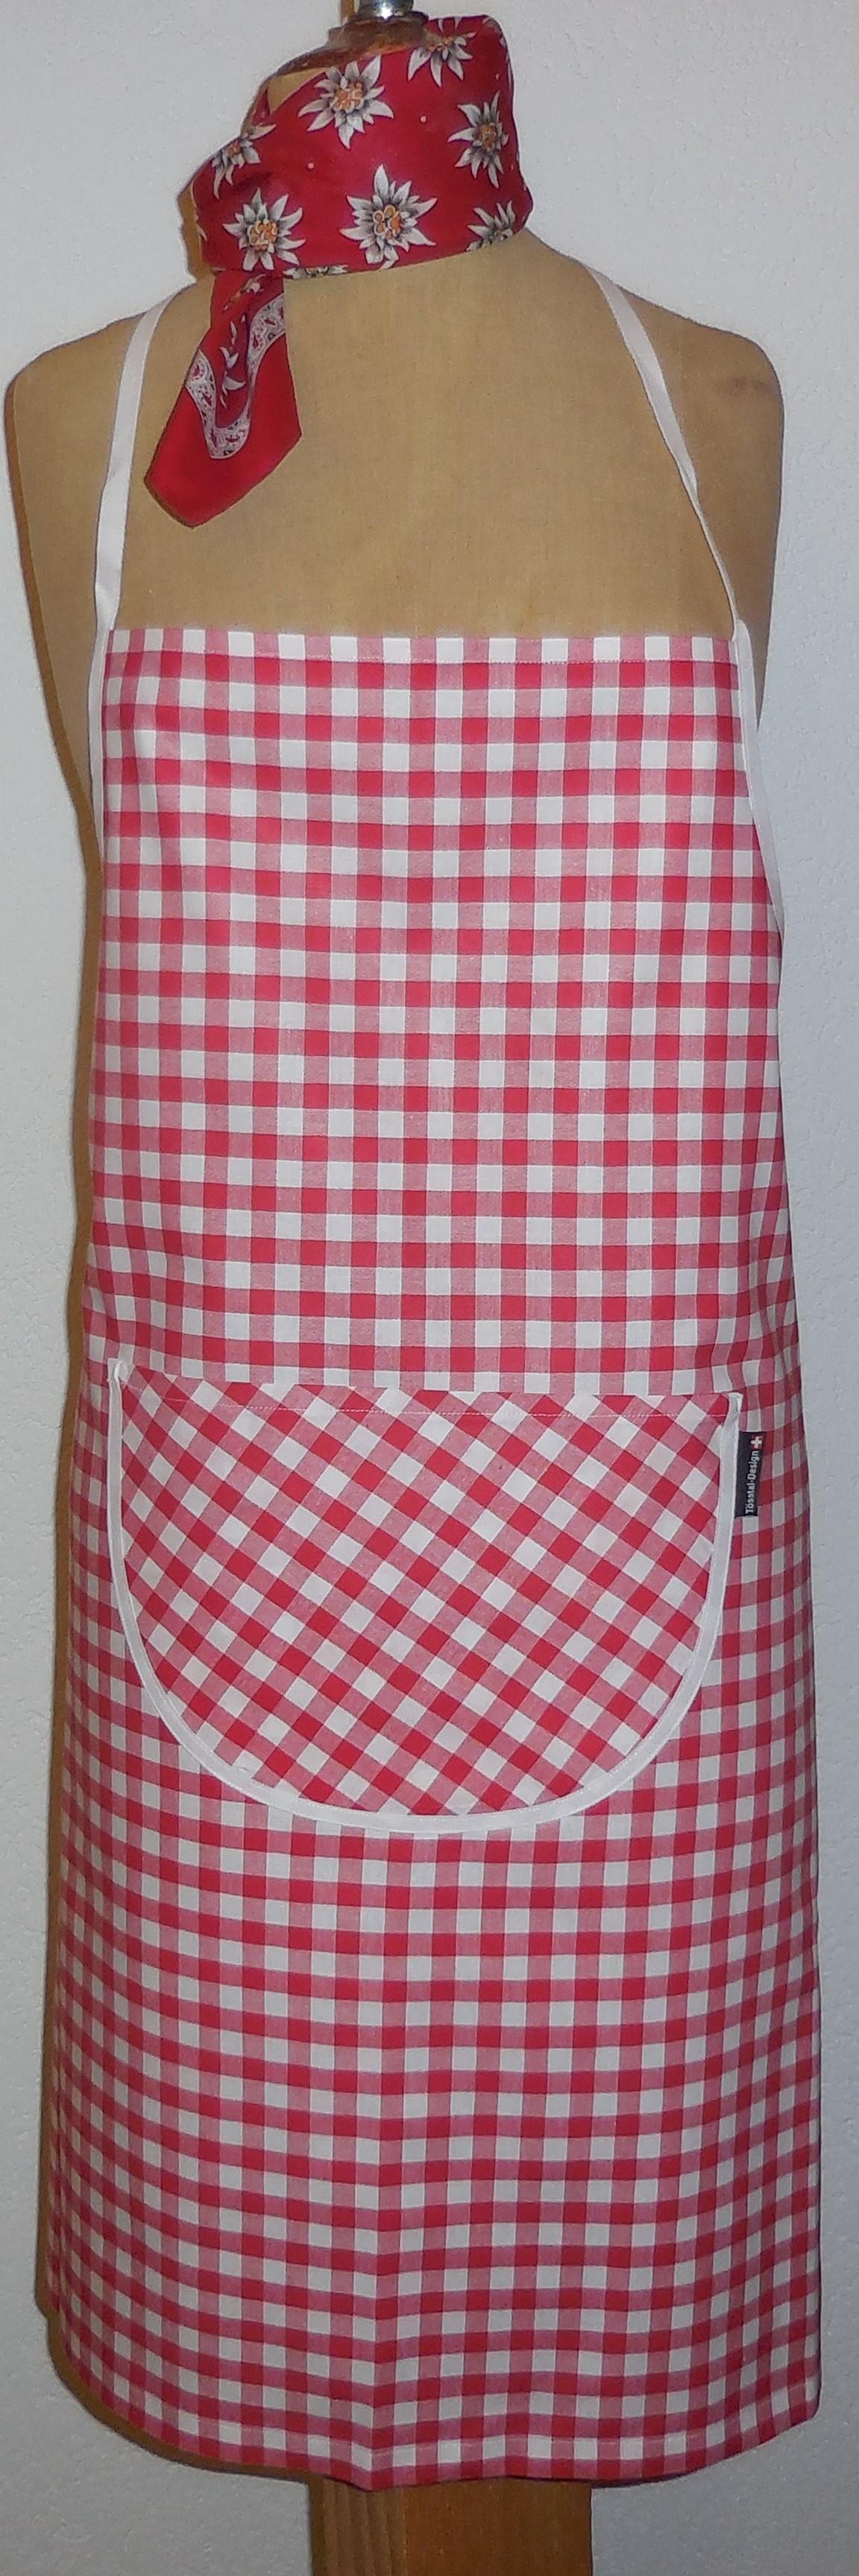 Küchenschürze kariert, rot/weiss und blau/weiss